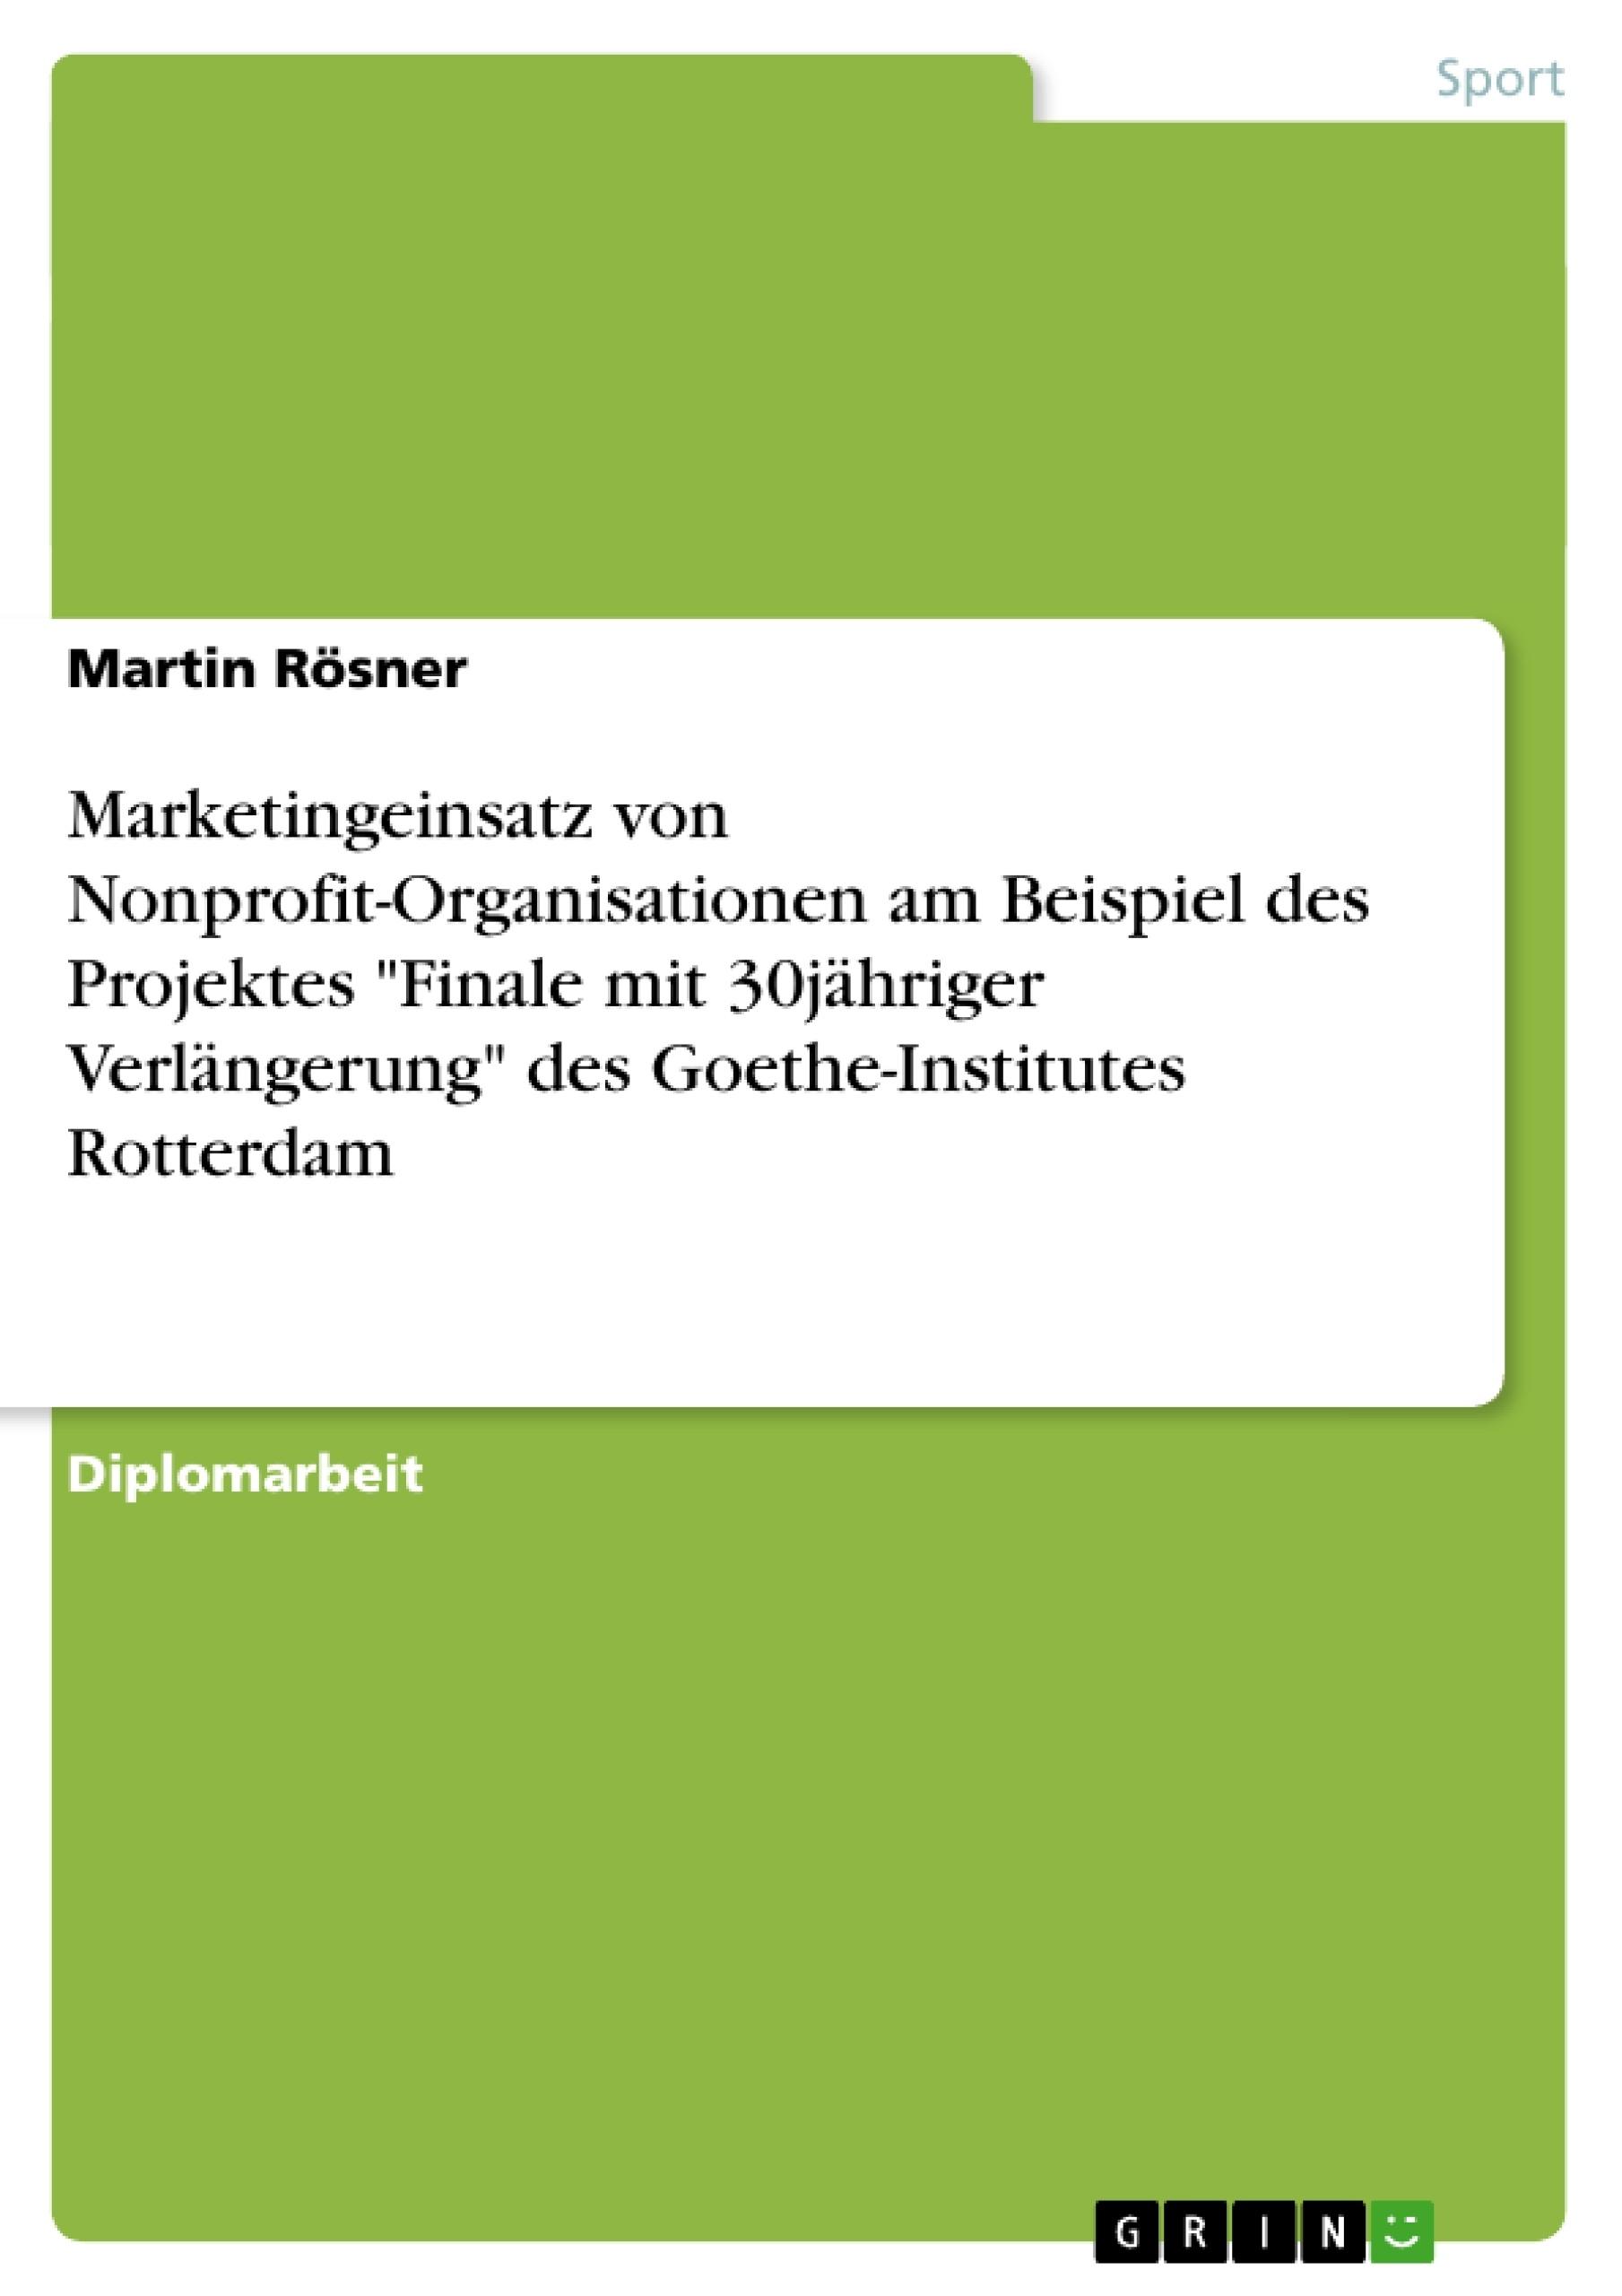 """Titel: Marketingeinsatz von Nonprofit-Organisationen am Beispiel des Projektes """"Finale mit 30jähriger Verlängerung"""" des Goethe-Institutes Rotterdam"""